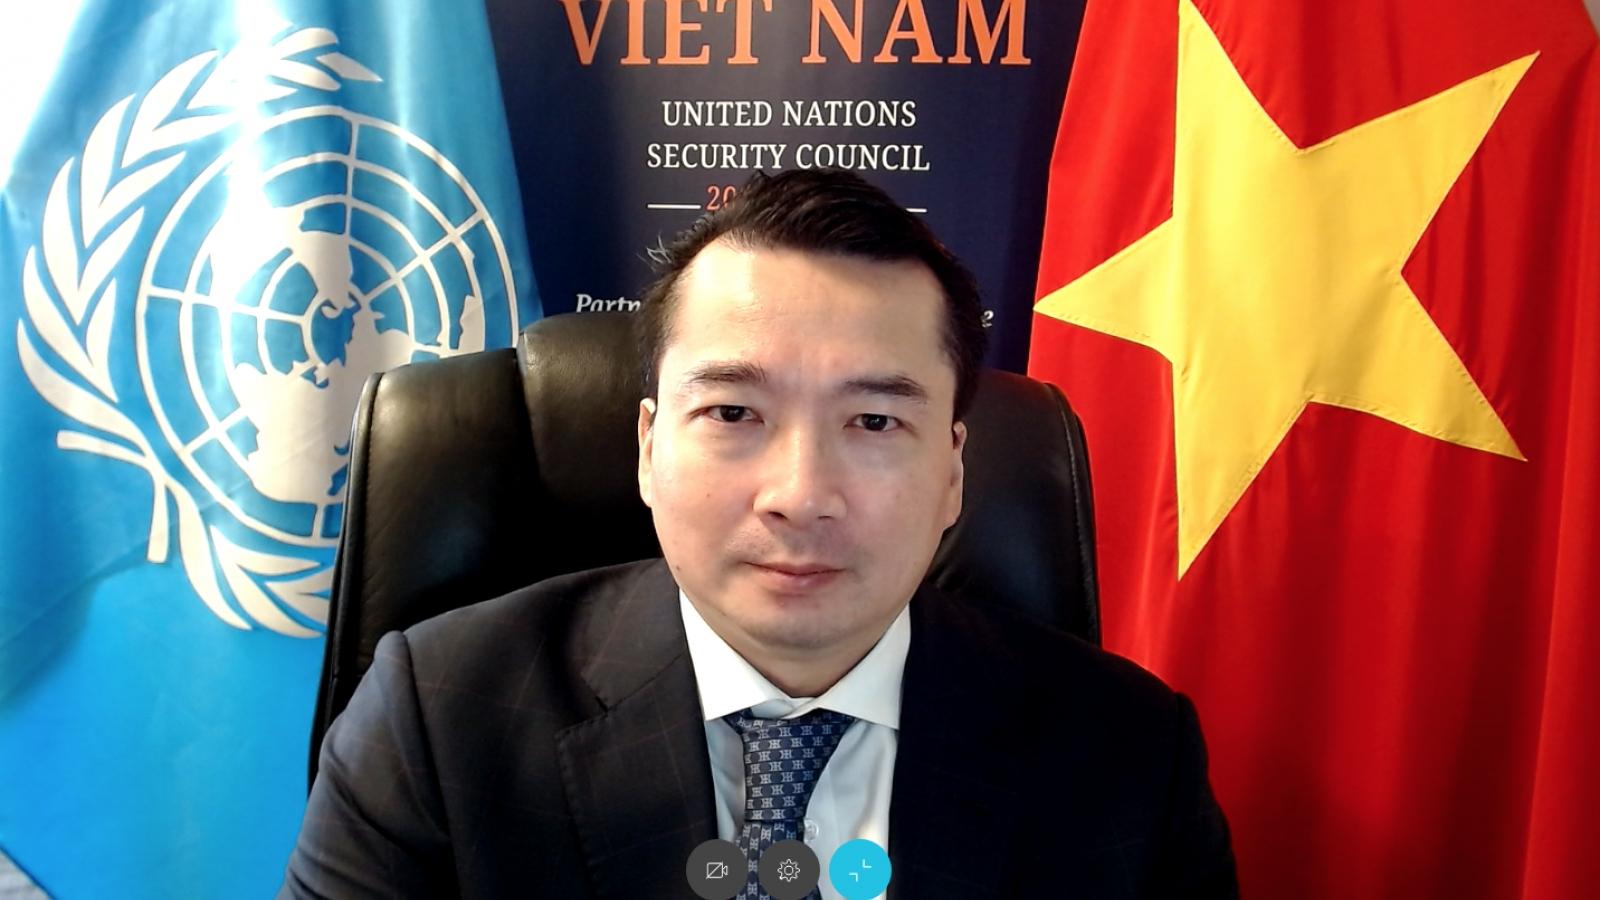 Hội đồng Bảo an LHQ họp về Tổ chức An ninh và Hợp tác ở châu Âu